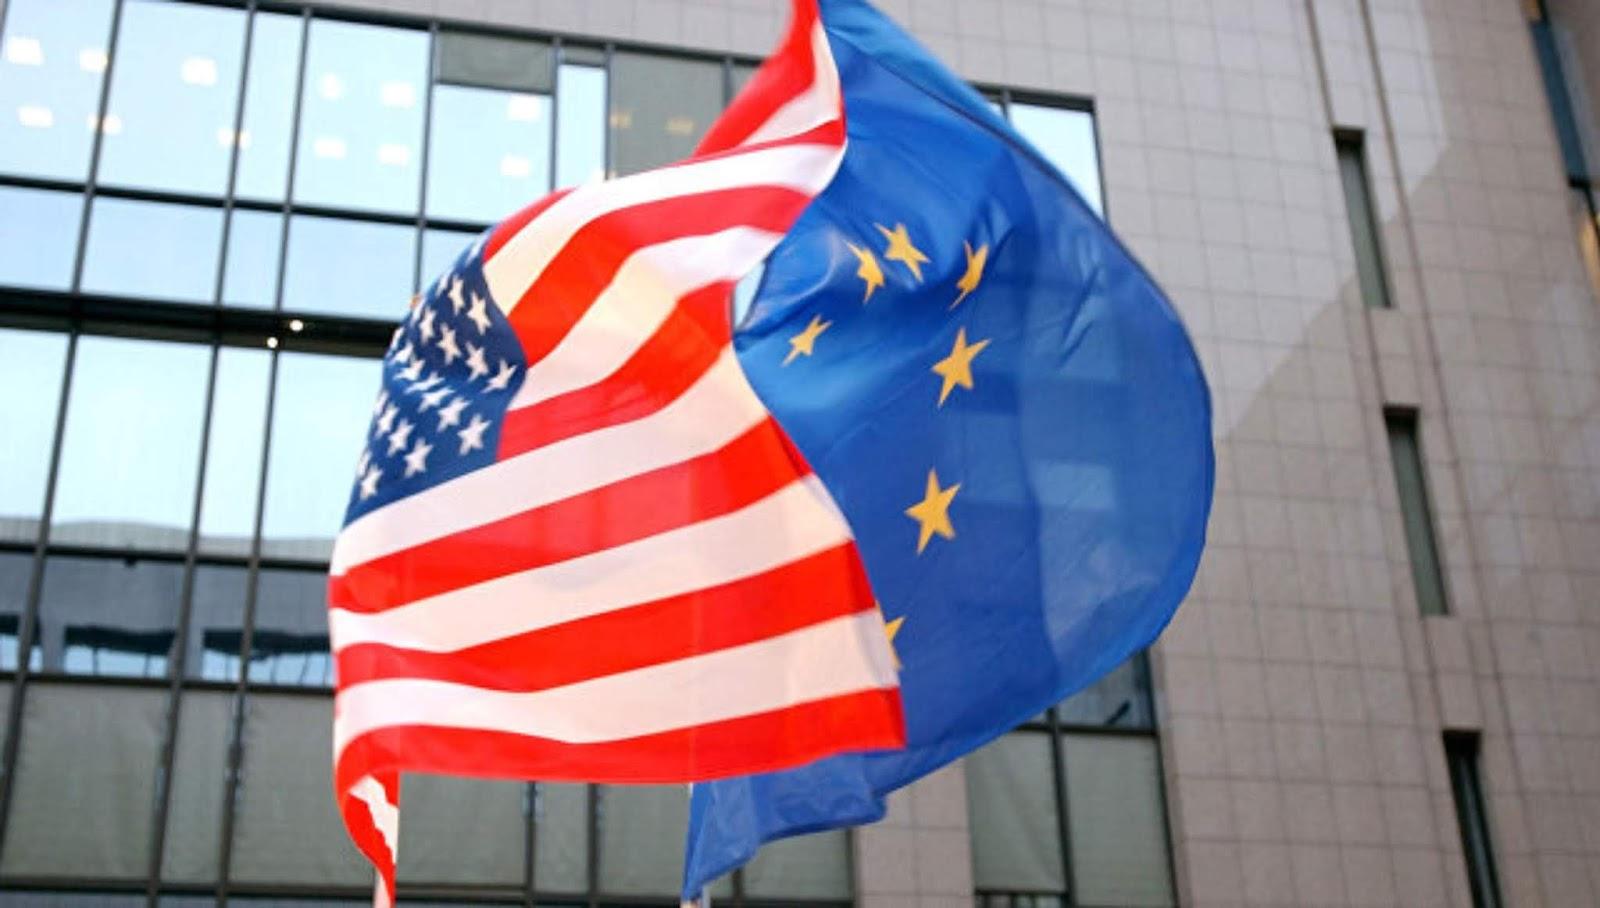 Yunani meminta AS untuk mendukungnya karena tindakan Turki